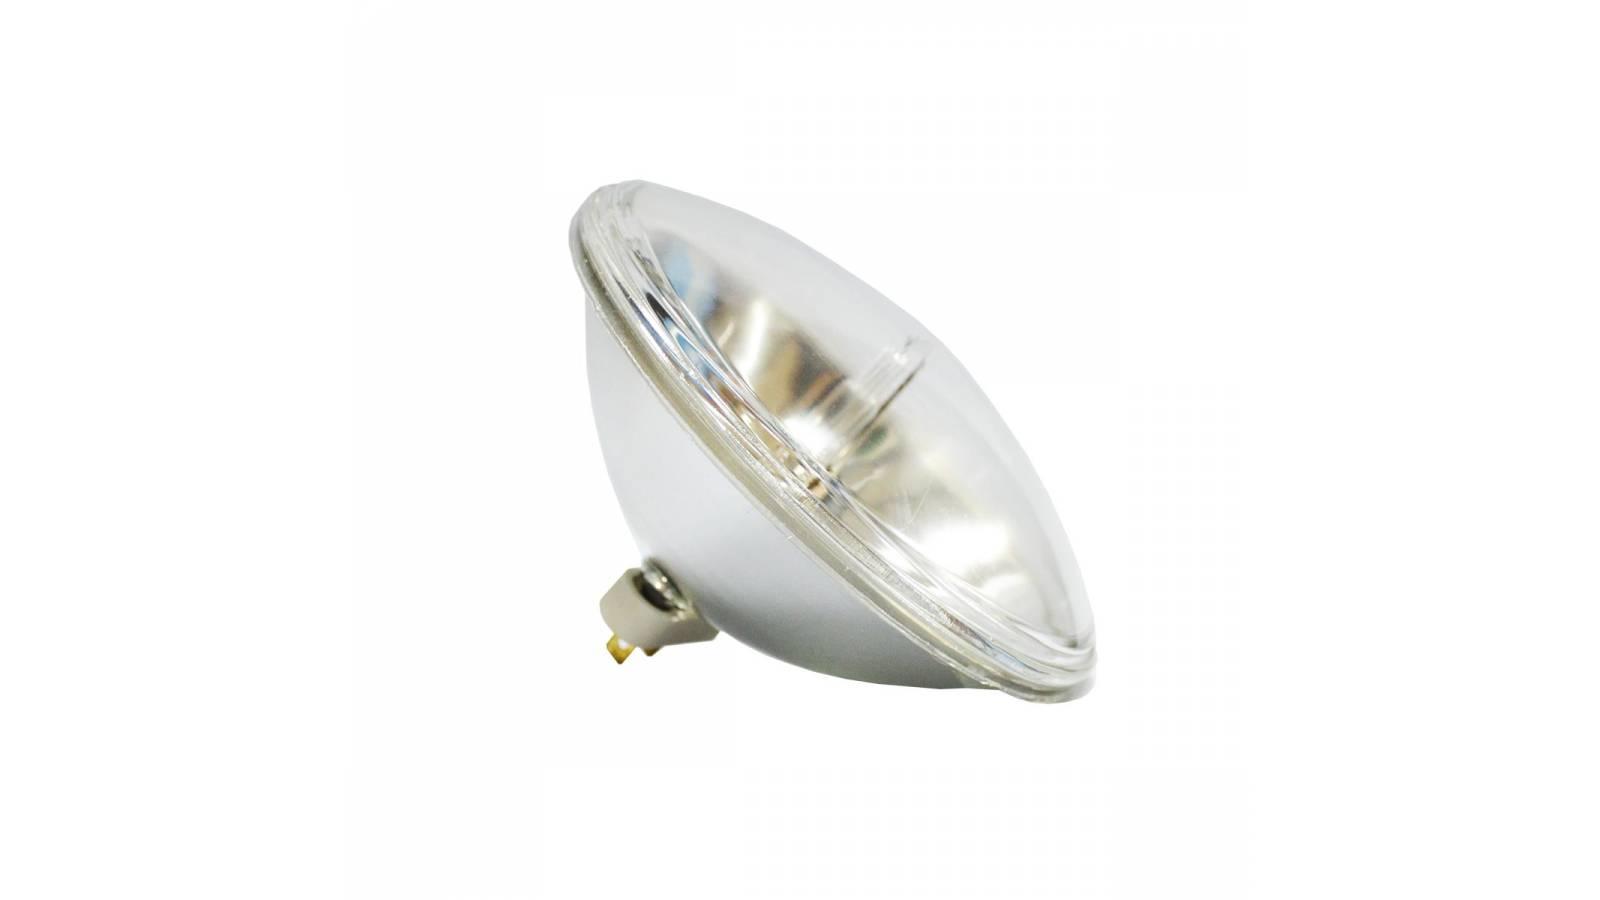 Lampara Optica Par 56 230v X 300w